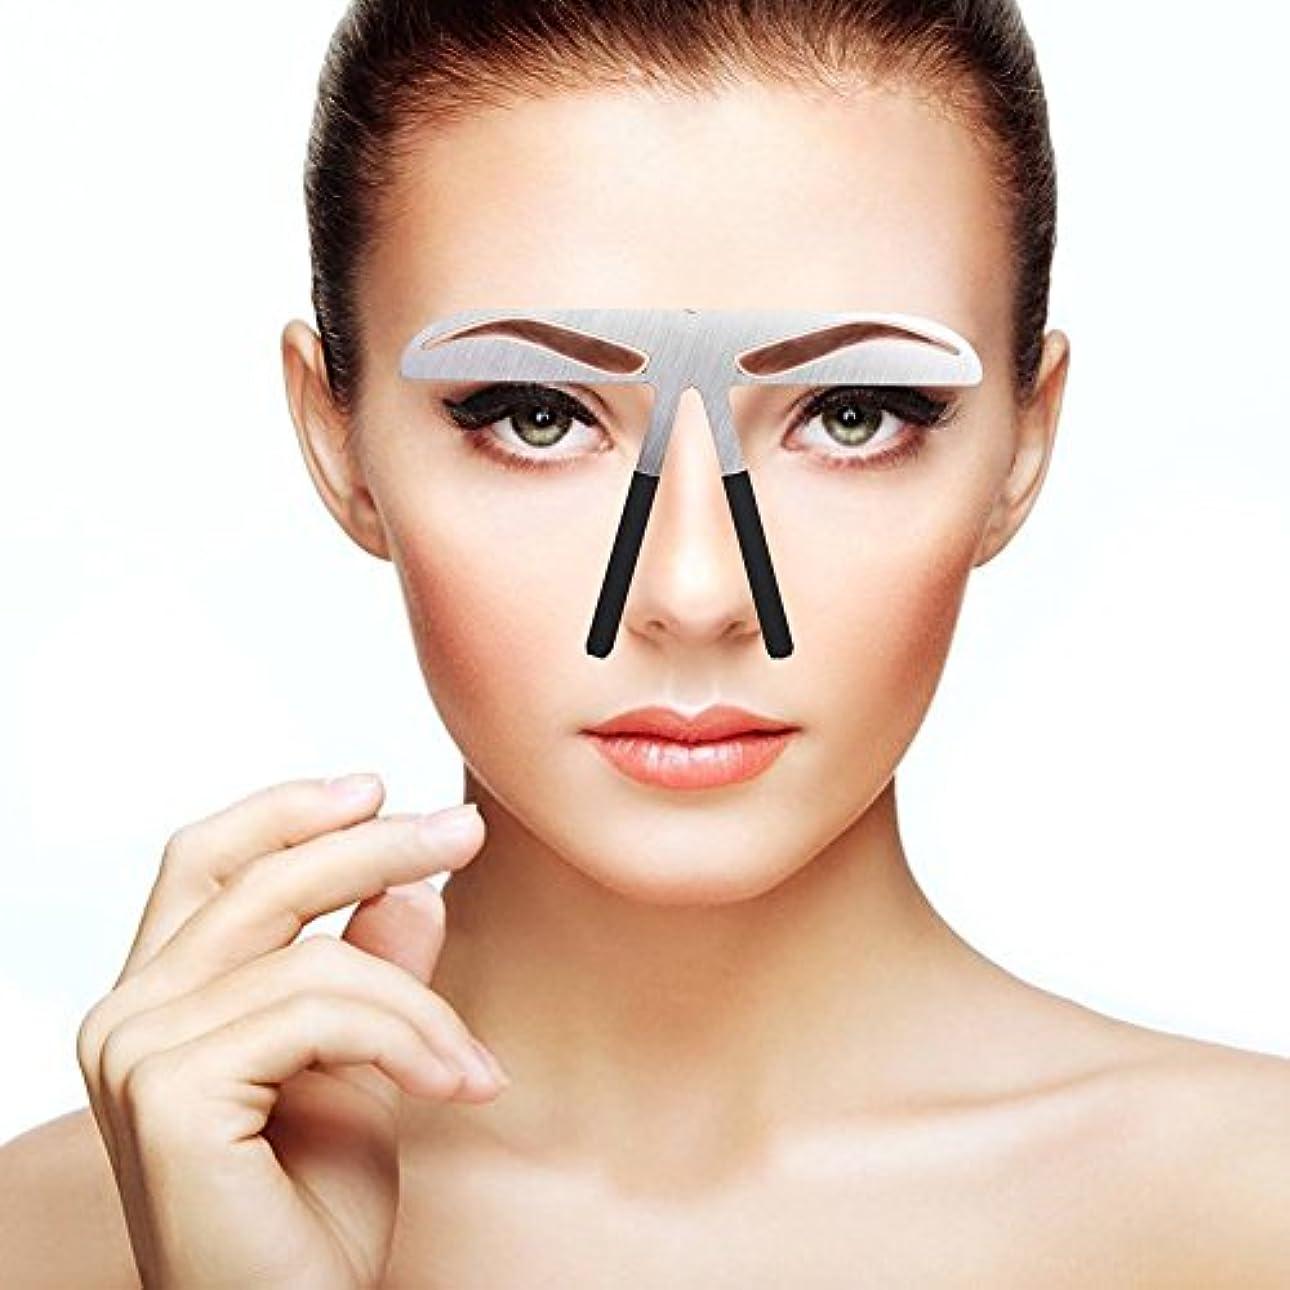 揺れる豆腐アレルギー性眉毛テンプレート 眉毛の定規 メイクアップ 美容ツール アイブローテンプレート アートメイク用定規 美容用 恒久化粧ツール 左右対称 位置決め (01)